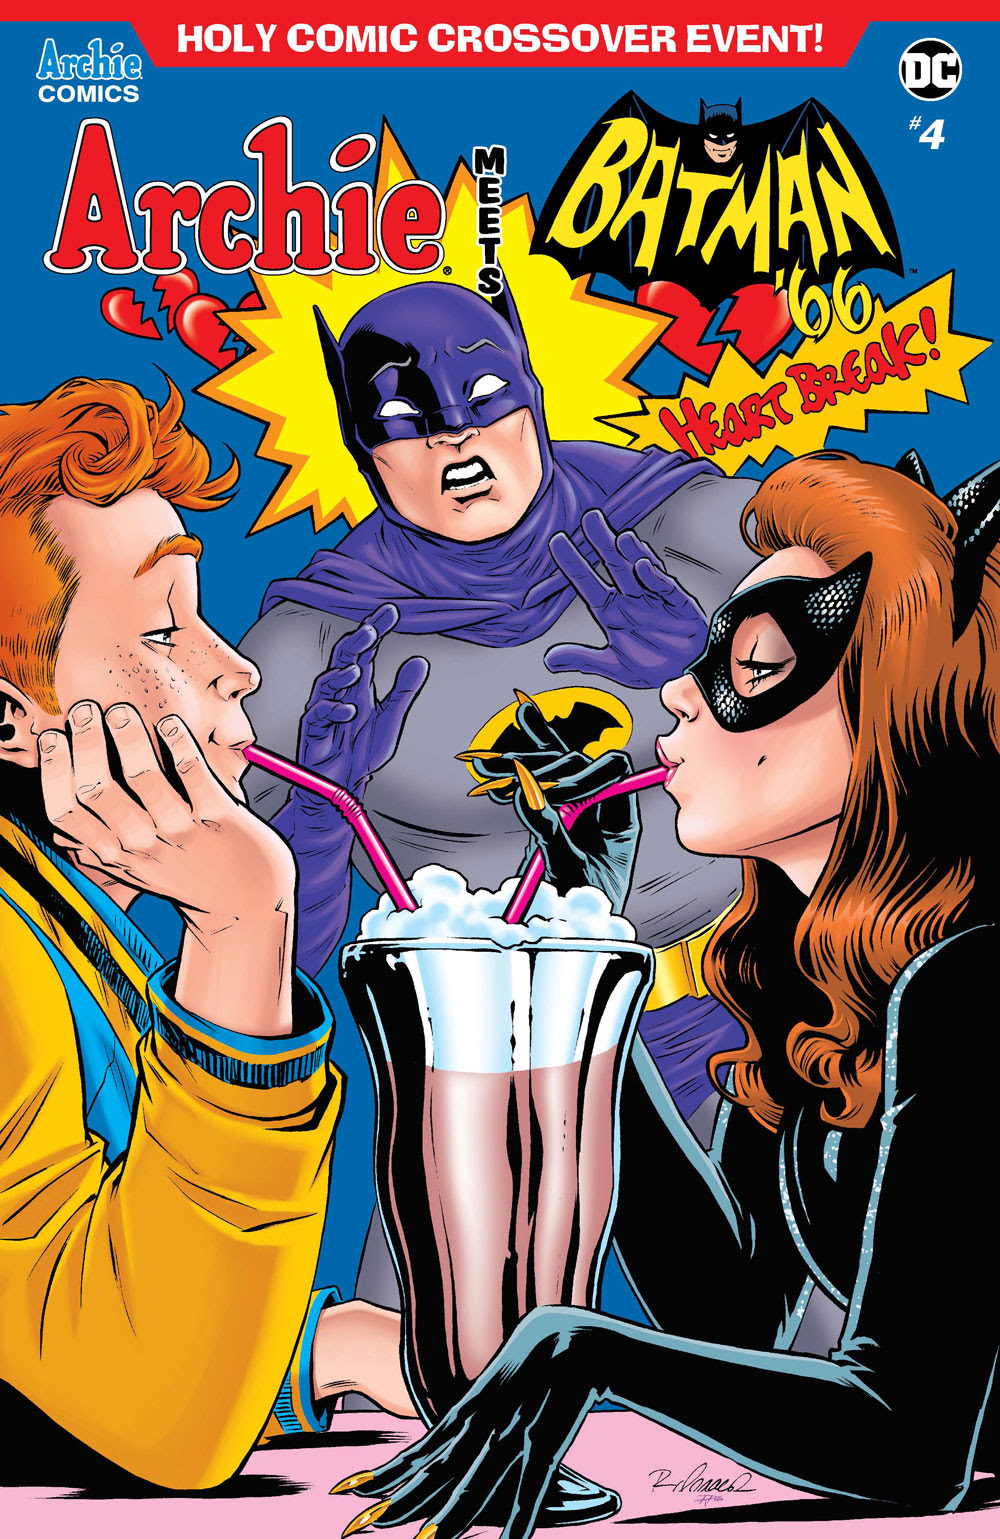 Archie Meets Batman '66 #4: CVR B Isaacs